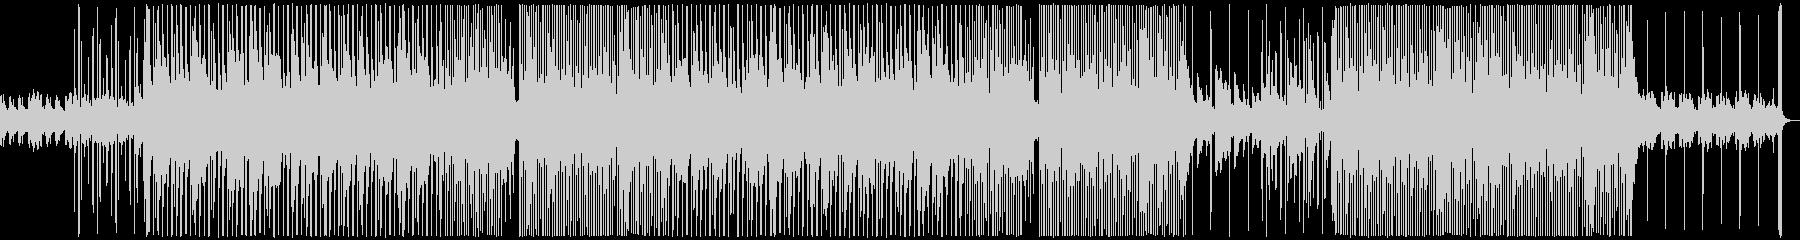 おしゃれで切ないR&Bの未再生の波形